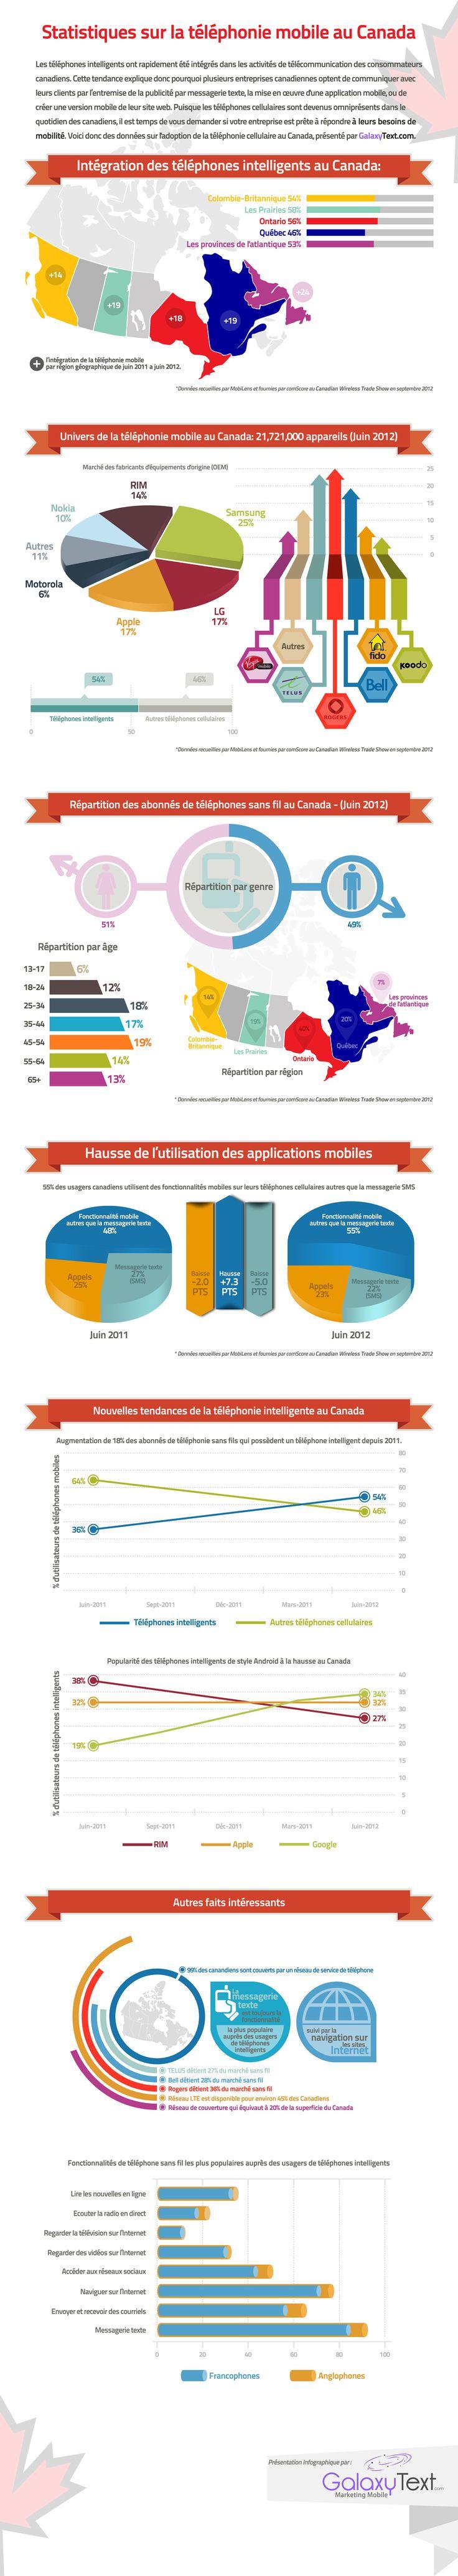 Les téléphones intelligents ont rapidement été intégrés dans les activités de télécommunication des consommateurs canadiens. Voici donc des données sur l'adoption de la téléphonie cellularie au Canada.